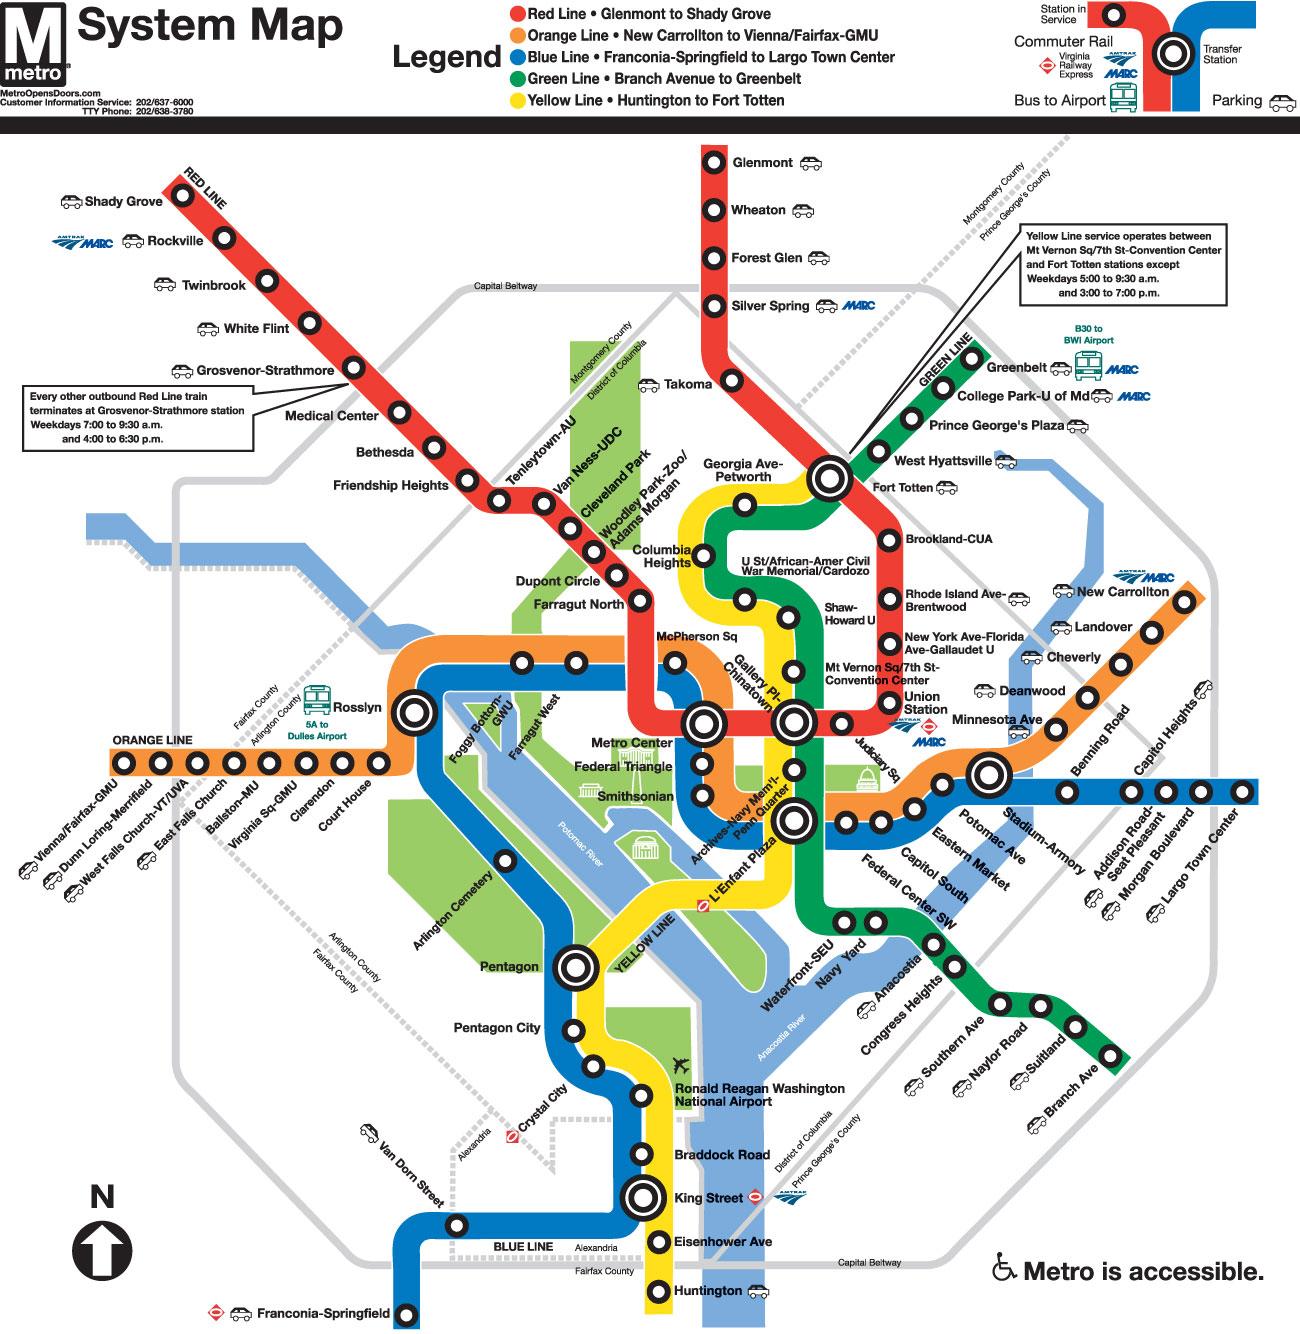 美国华盛顿地铁线路图 运营时间票价站点 查询下载 华盛顿地铁查询 华盛顿地铁票价 华盛顿地铁运营时间 华盛顿地铁线路图 美国地铁 华盛顿地铁 美国地铁线路图  第3张